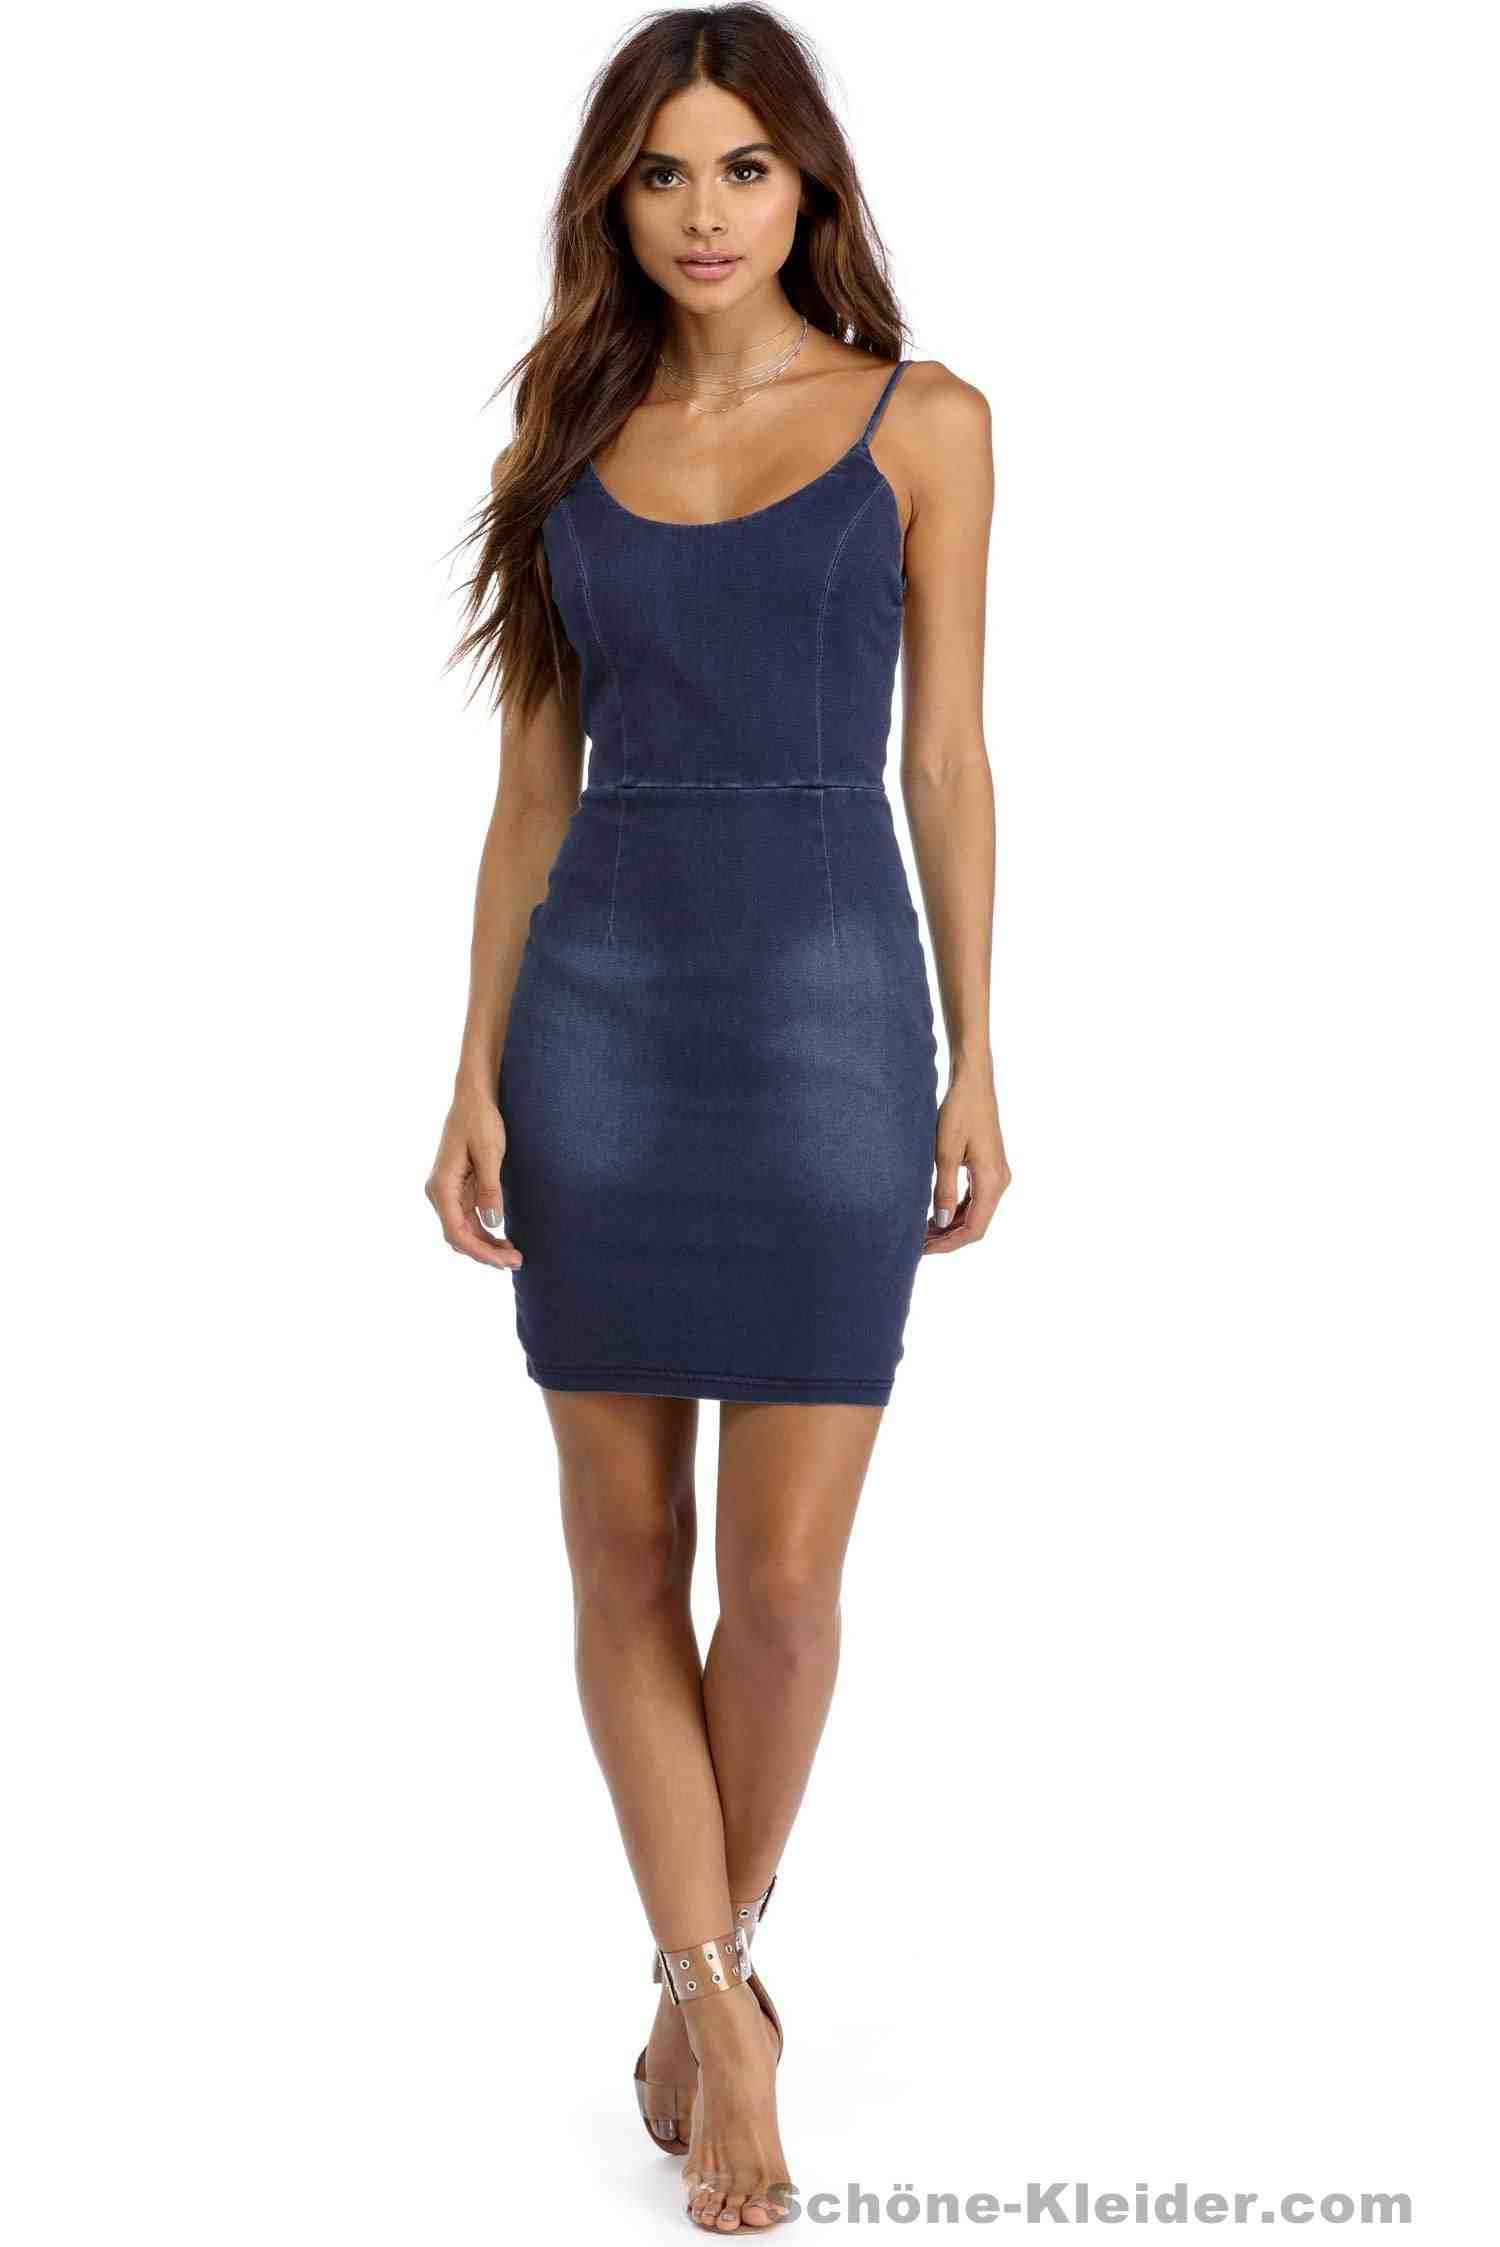 17 Leicht Kleid Damen Kurz Design Einfach Kleid Damen Kurz Spezialgebiet